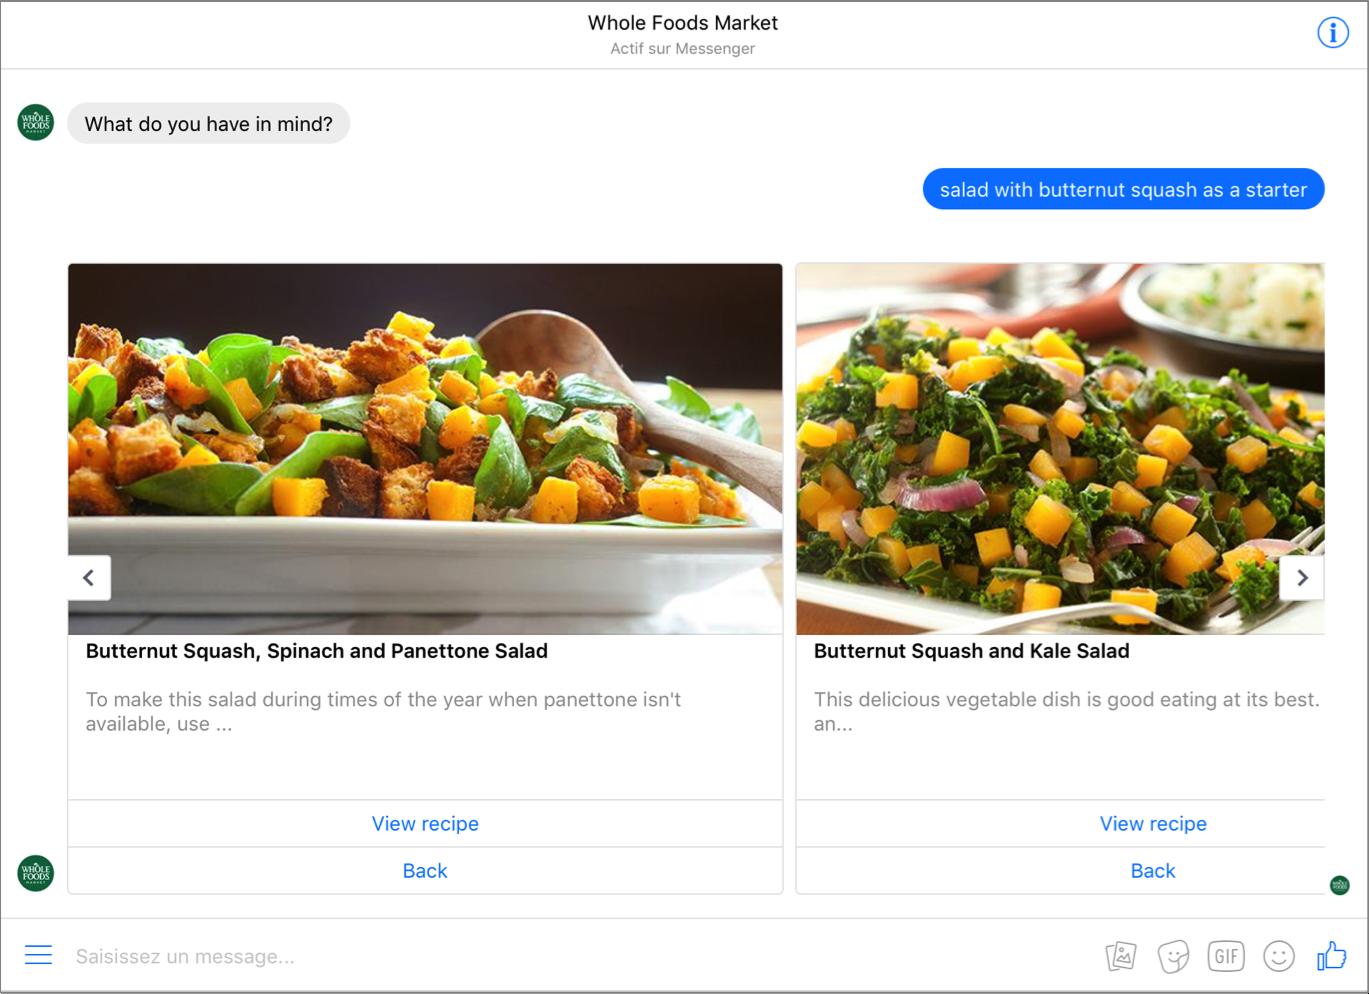 Chatbot de Whole Foods